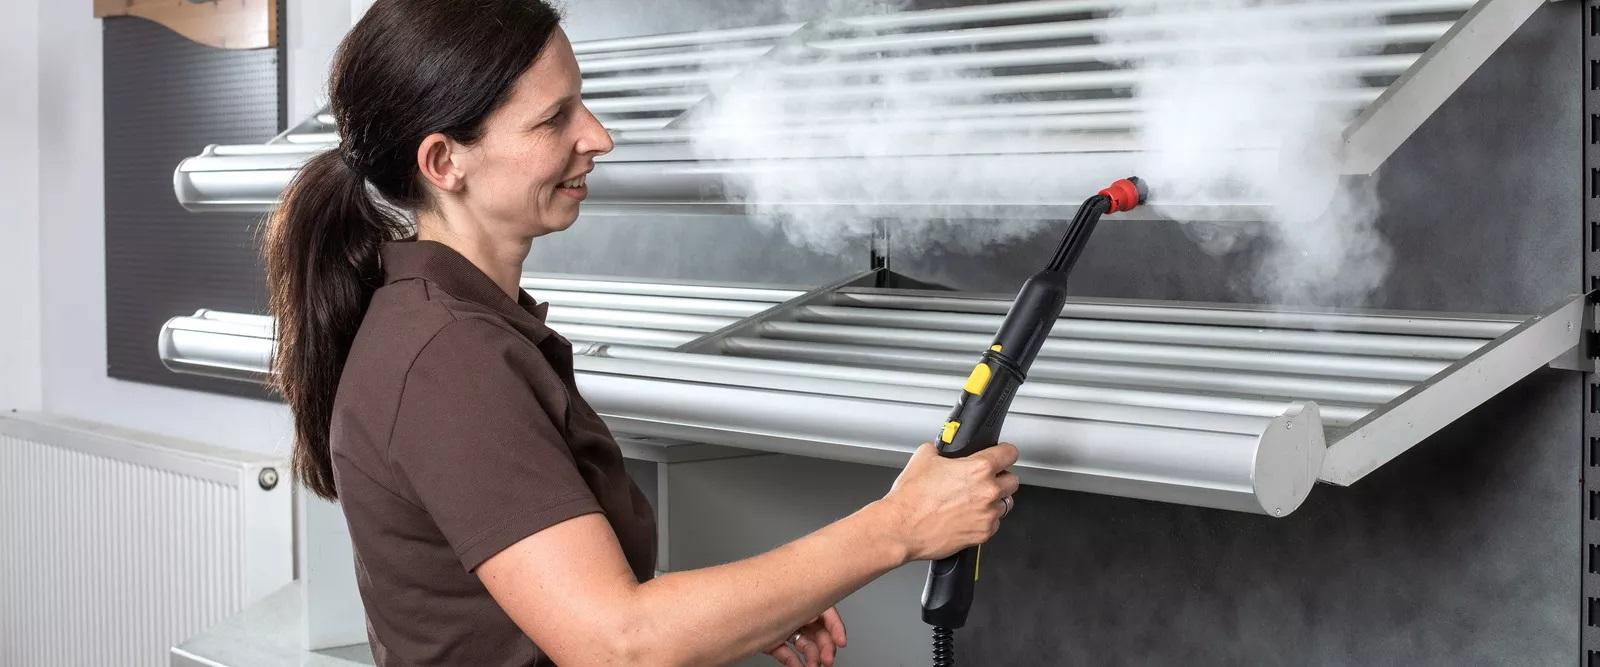 limpiadoras de vapor para eliminar virus y bacterias - LIMPIADORAS DE VAPOR Y LIMPIADORAS-ASPIRADORAS DE VAPOR PROFESIONALES PARA UNA LIMPIEZA DE DESINFECCIÓN